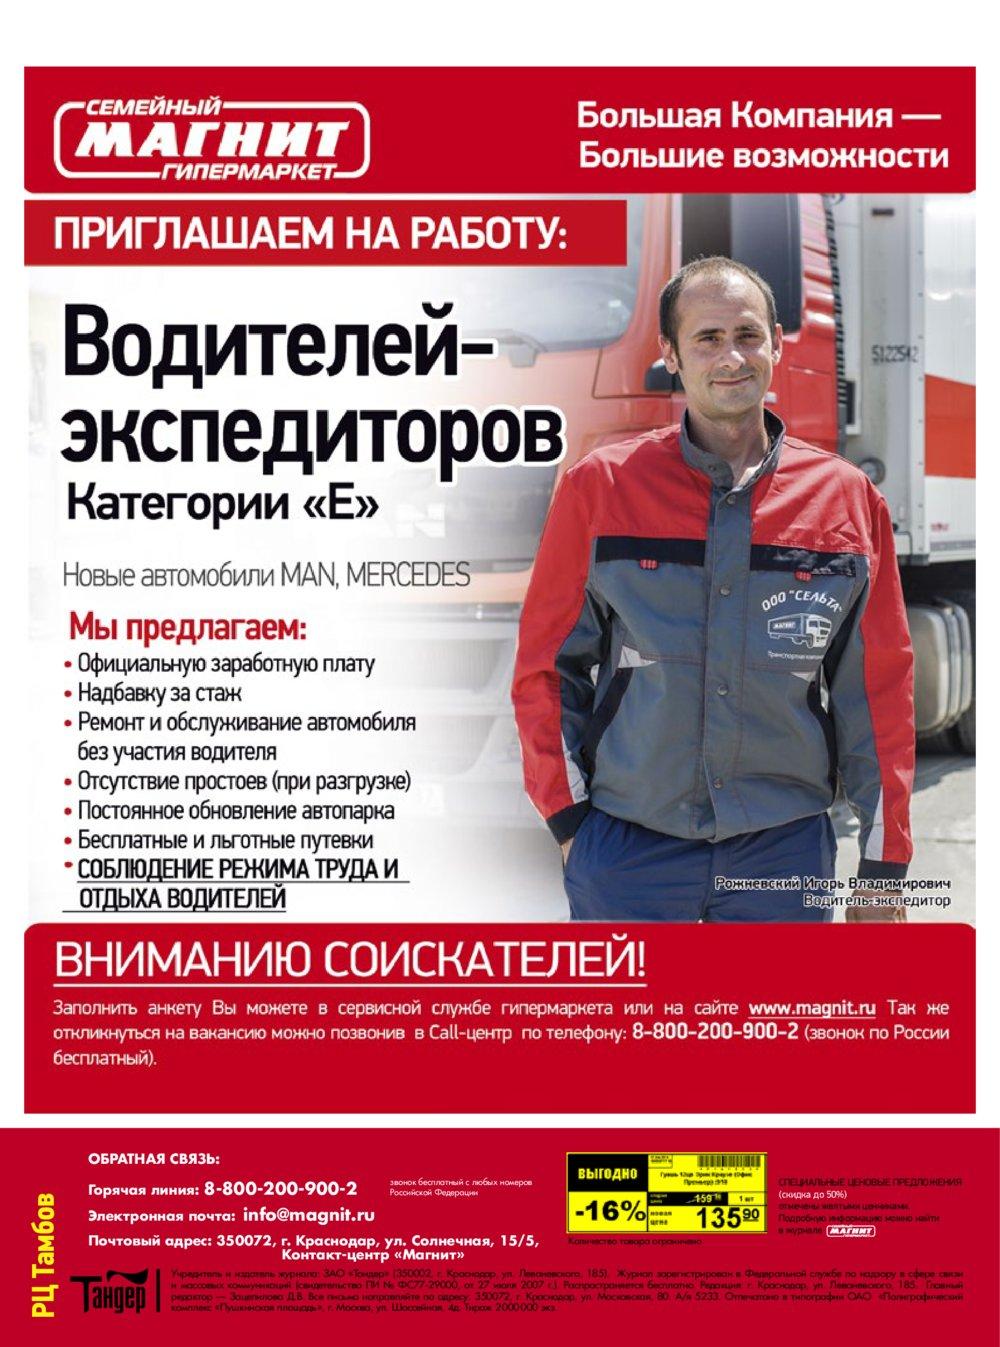 образом, гипермаркет магнит ростов на дону водитель погрузчика юго-западе Санкт-Петербурга